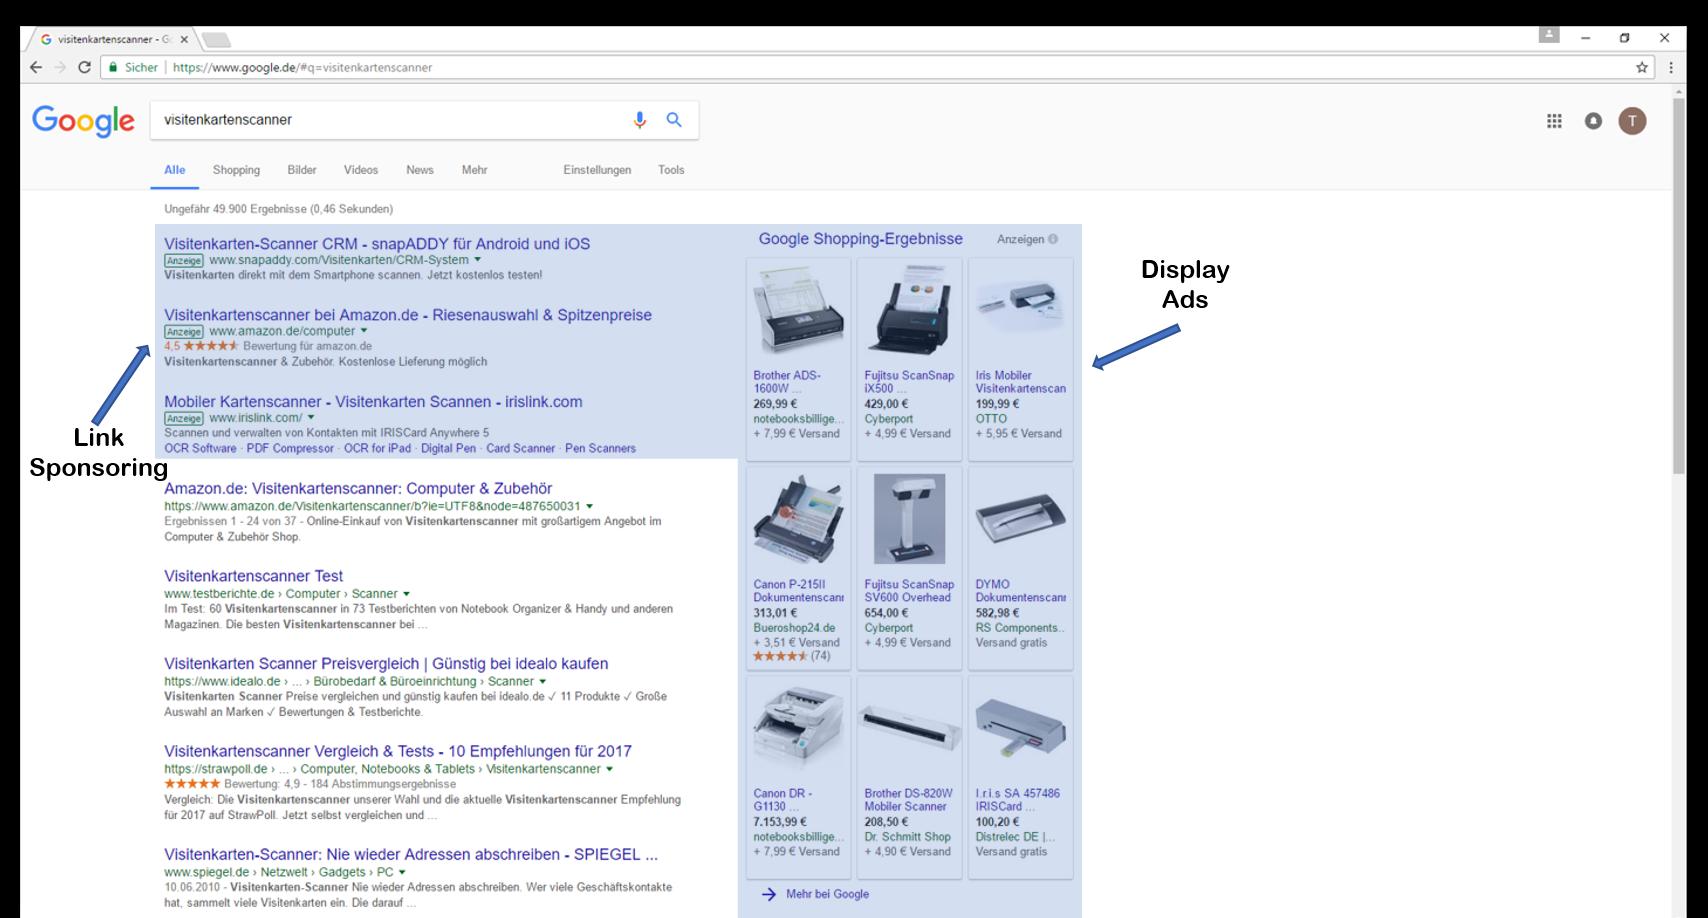 Alles zu Search Engine Advertising (SEA) und Google AdWords